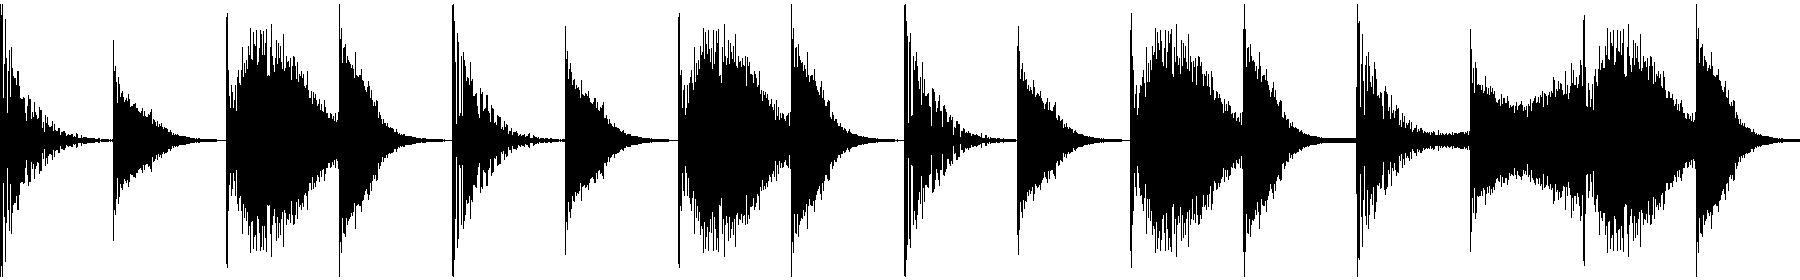 basic industrial drum loop